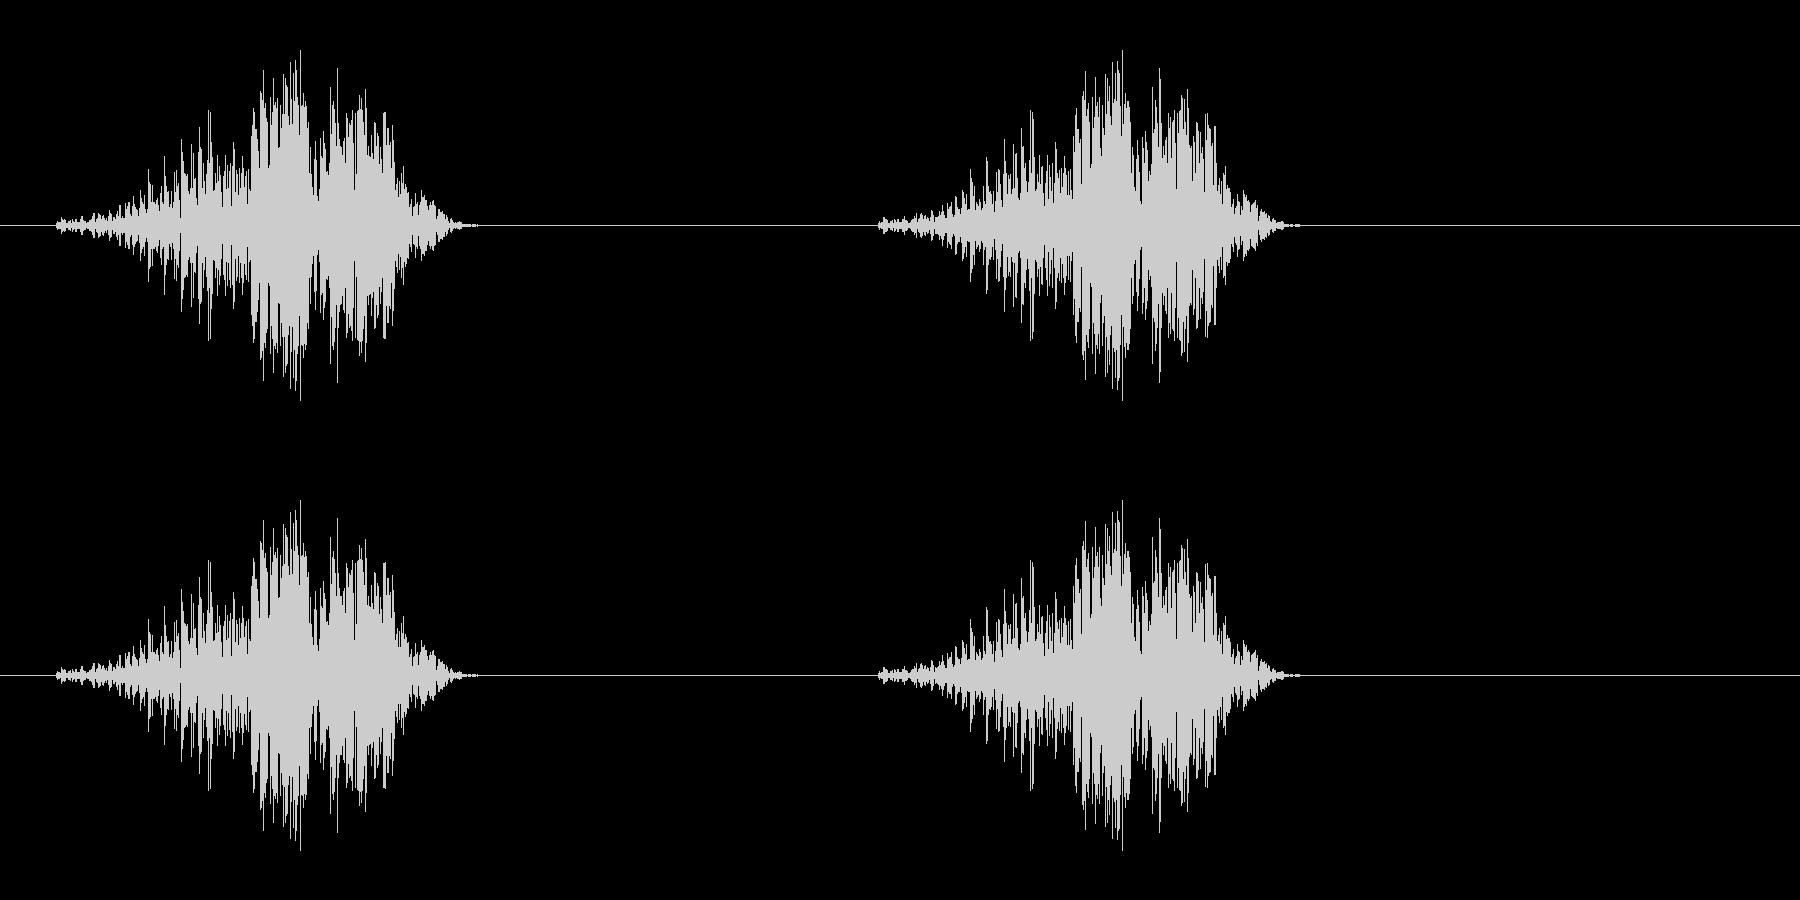 グーグー(いびき、睡眠状態、Zzz)の未再生の波形